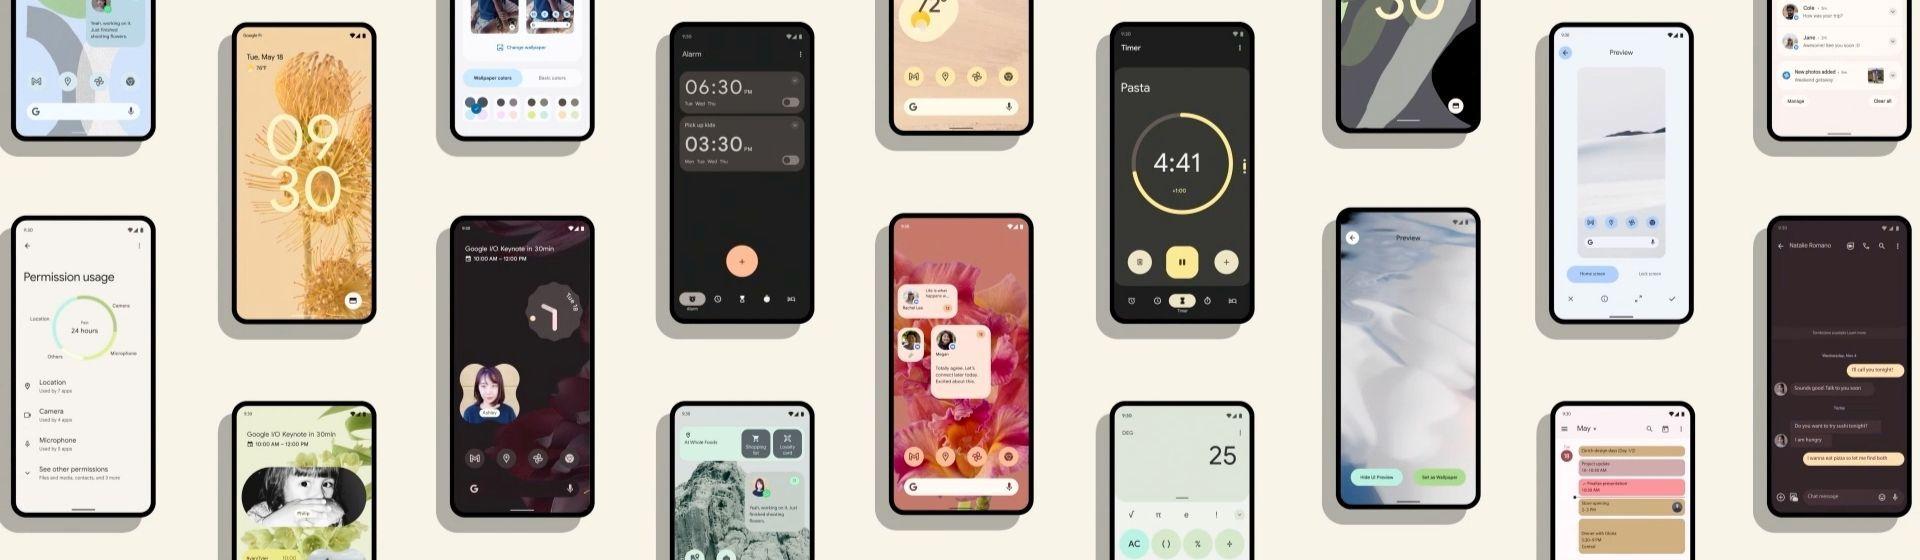 Android 12 ganha mudança no design e recursos de privacidade